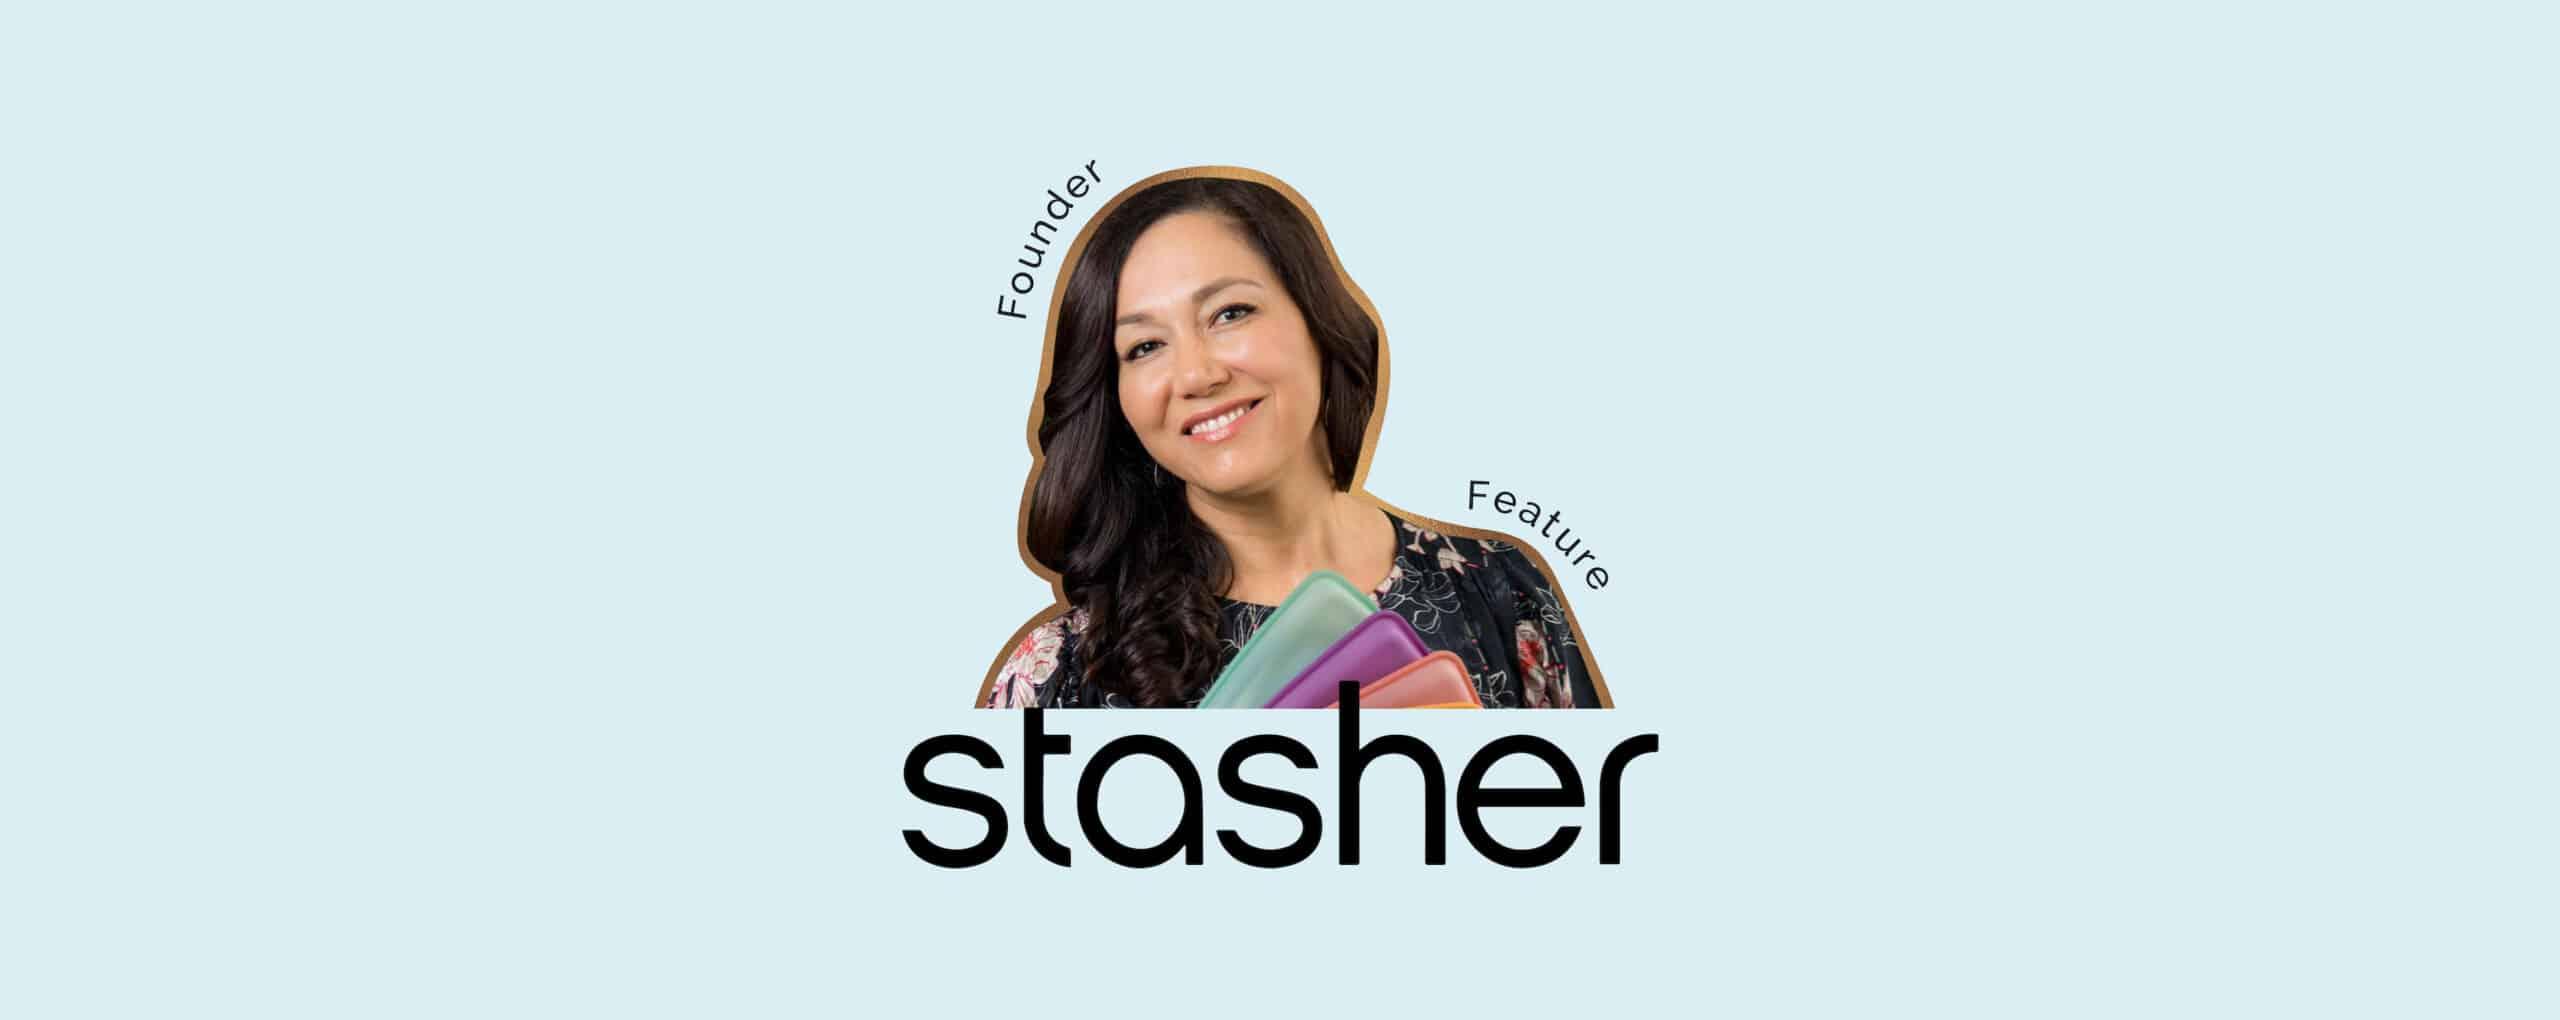 Stasher Header for WP